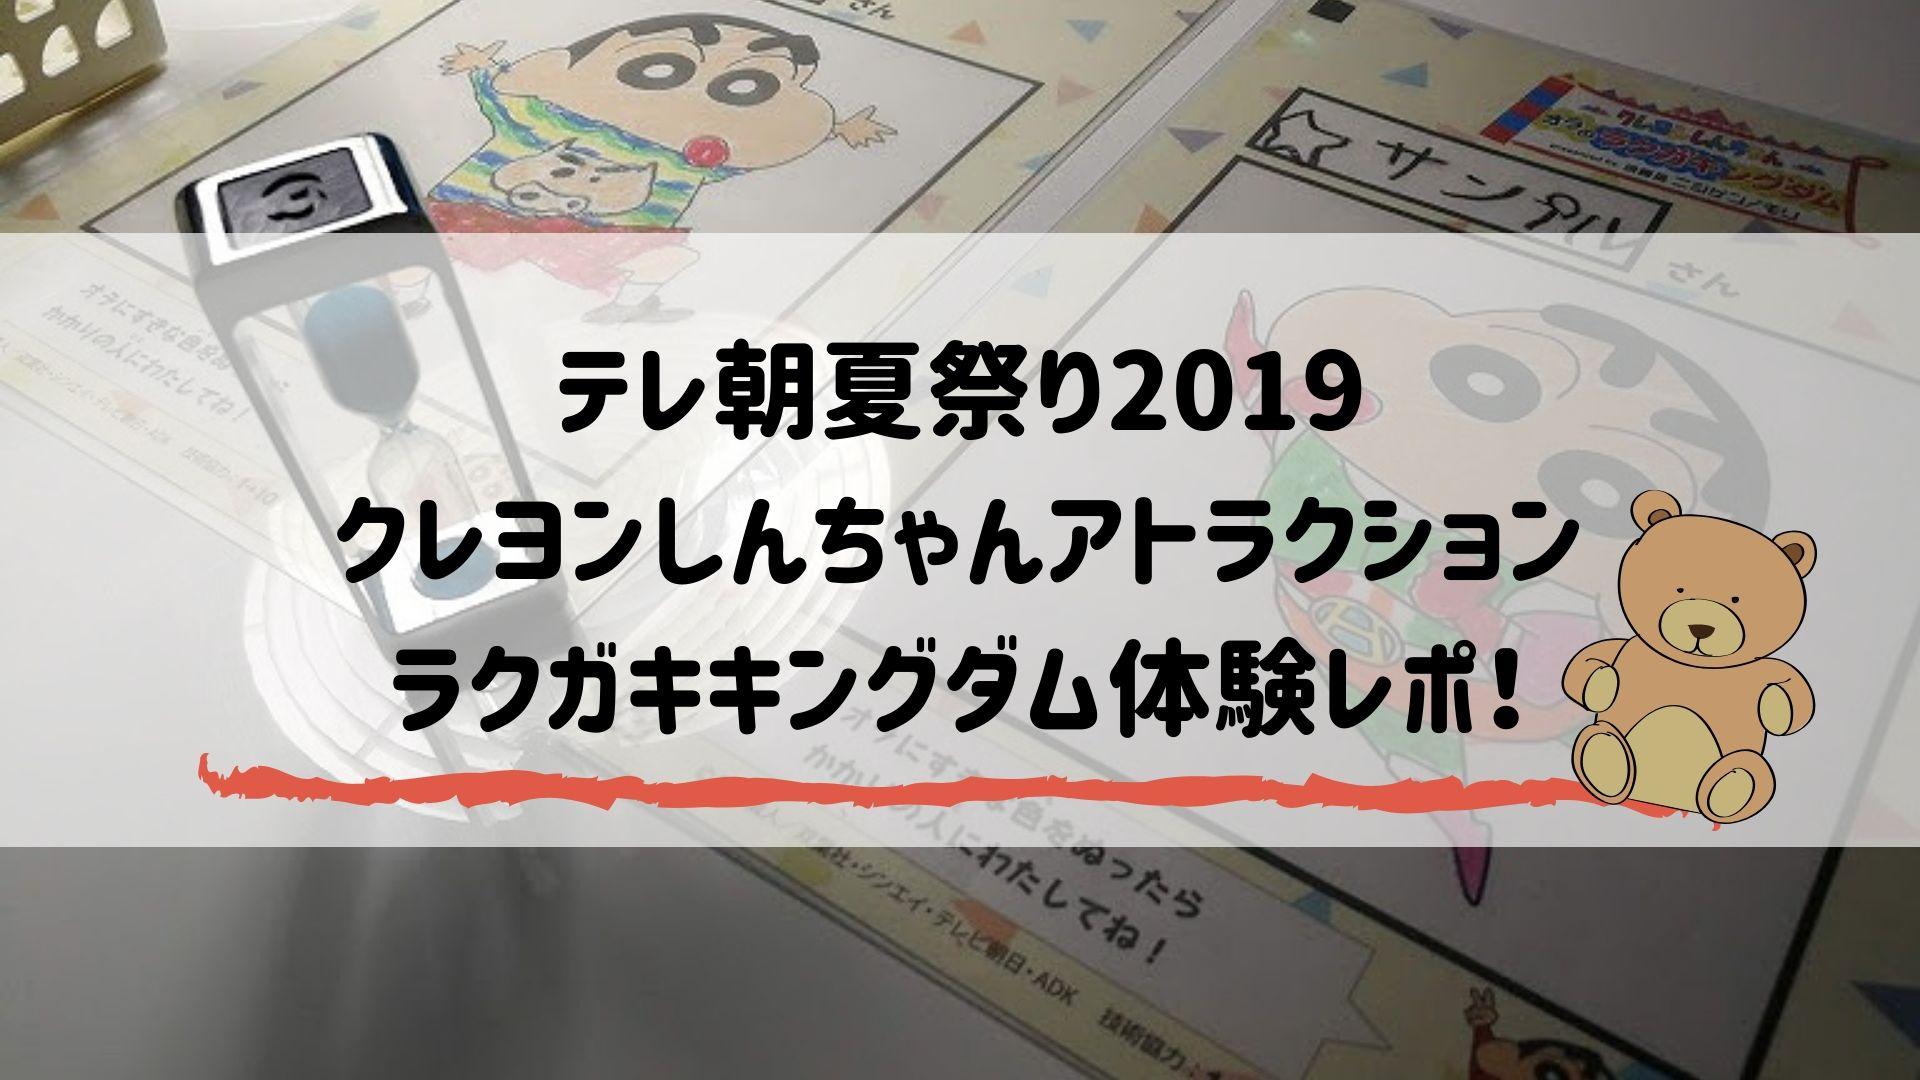 テレ朝夏祭り2019 クレヨンしんちゃんアトラクション ラクガキキングダム体験レポ!